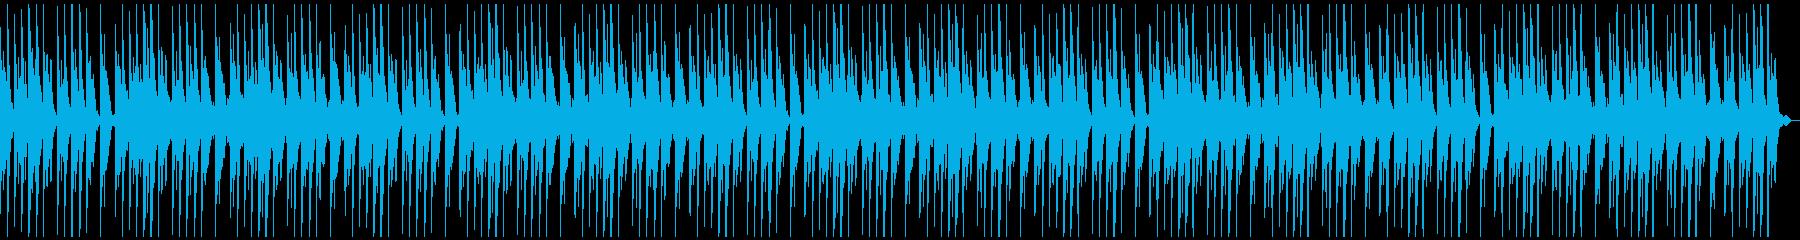 優しく滑らかなモダンクラシカル10分の再生済みの波形